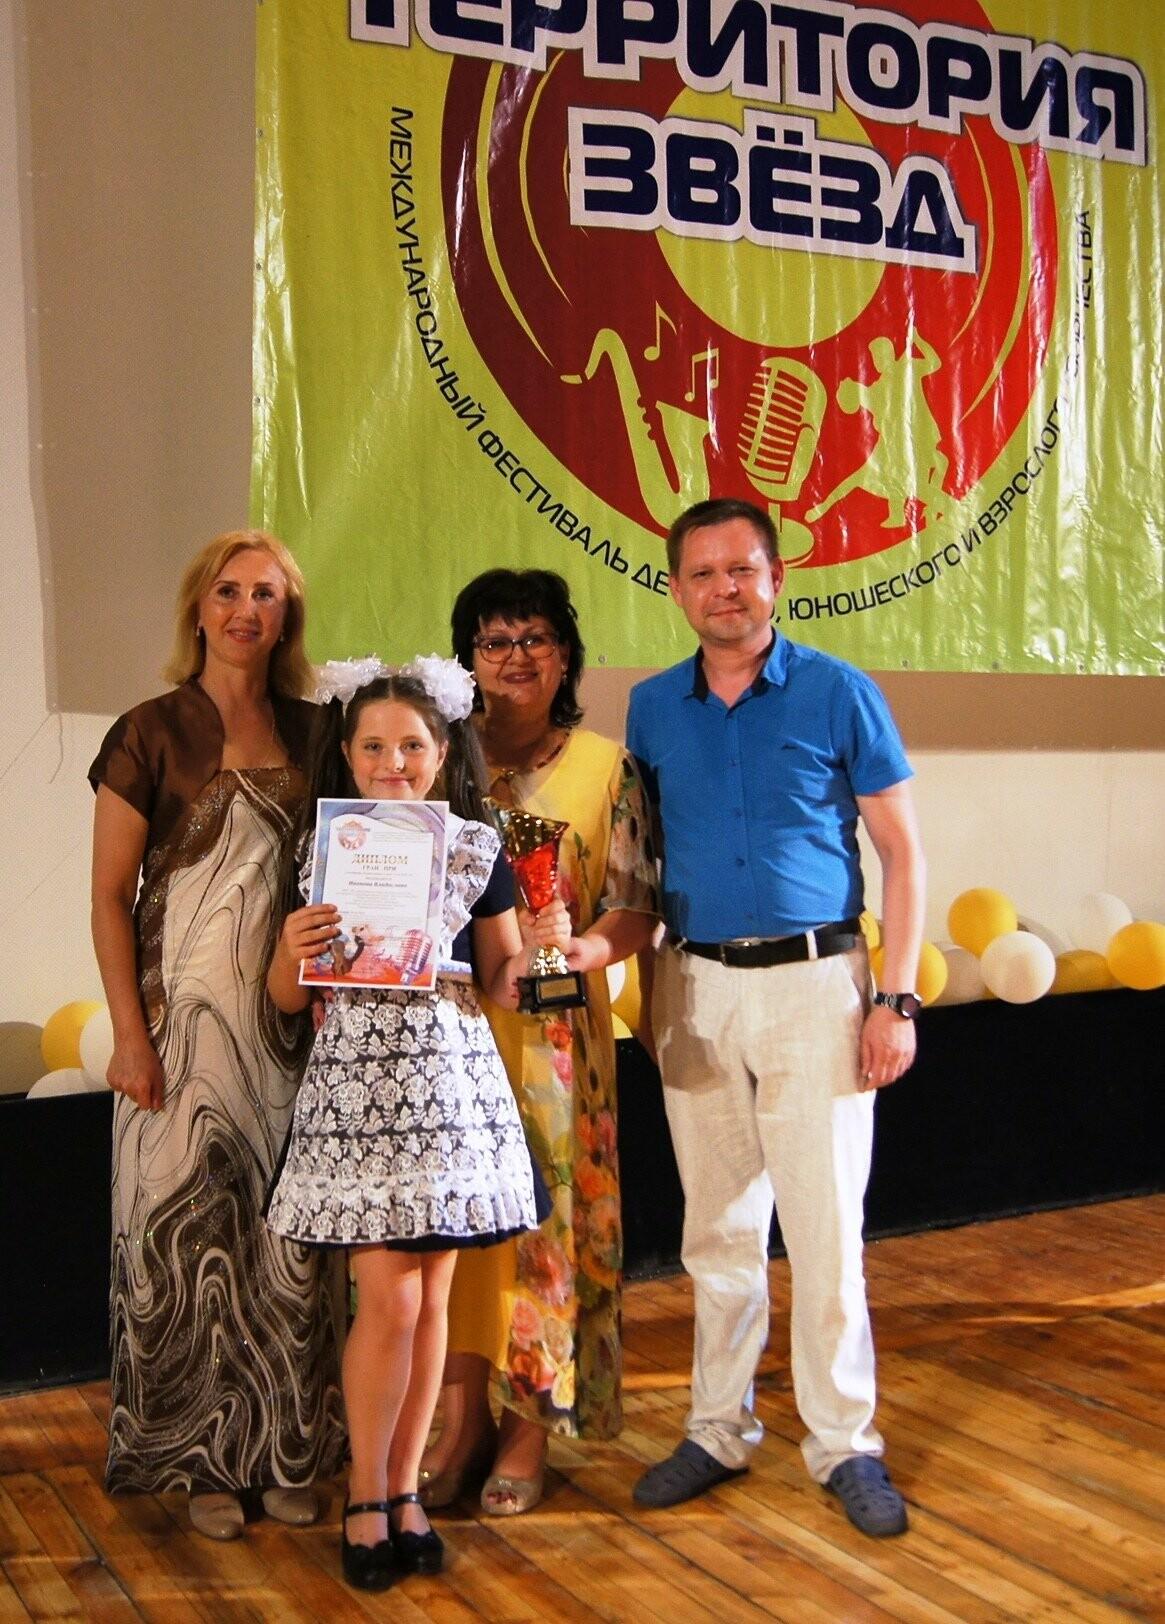 Конкурсантка из Ялты получила Гран-при Международного конкурса «Территория звёзд», фото-2